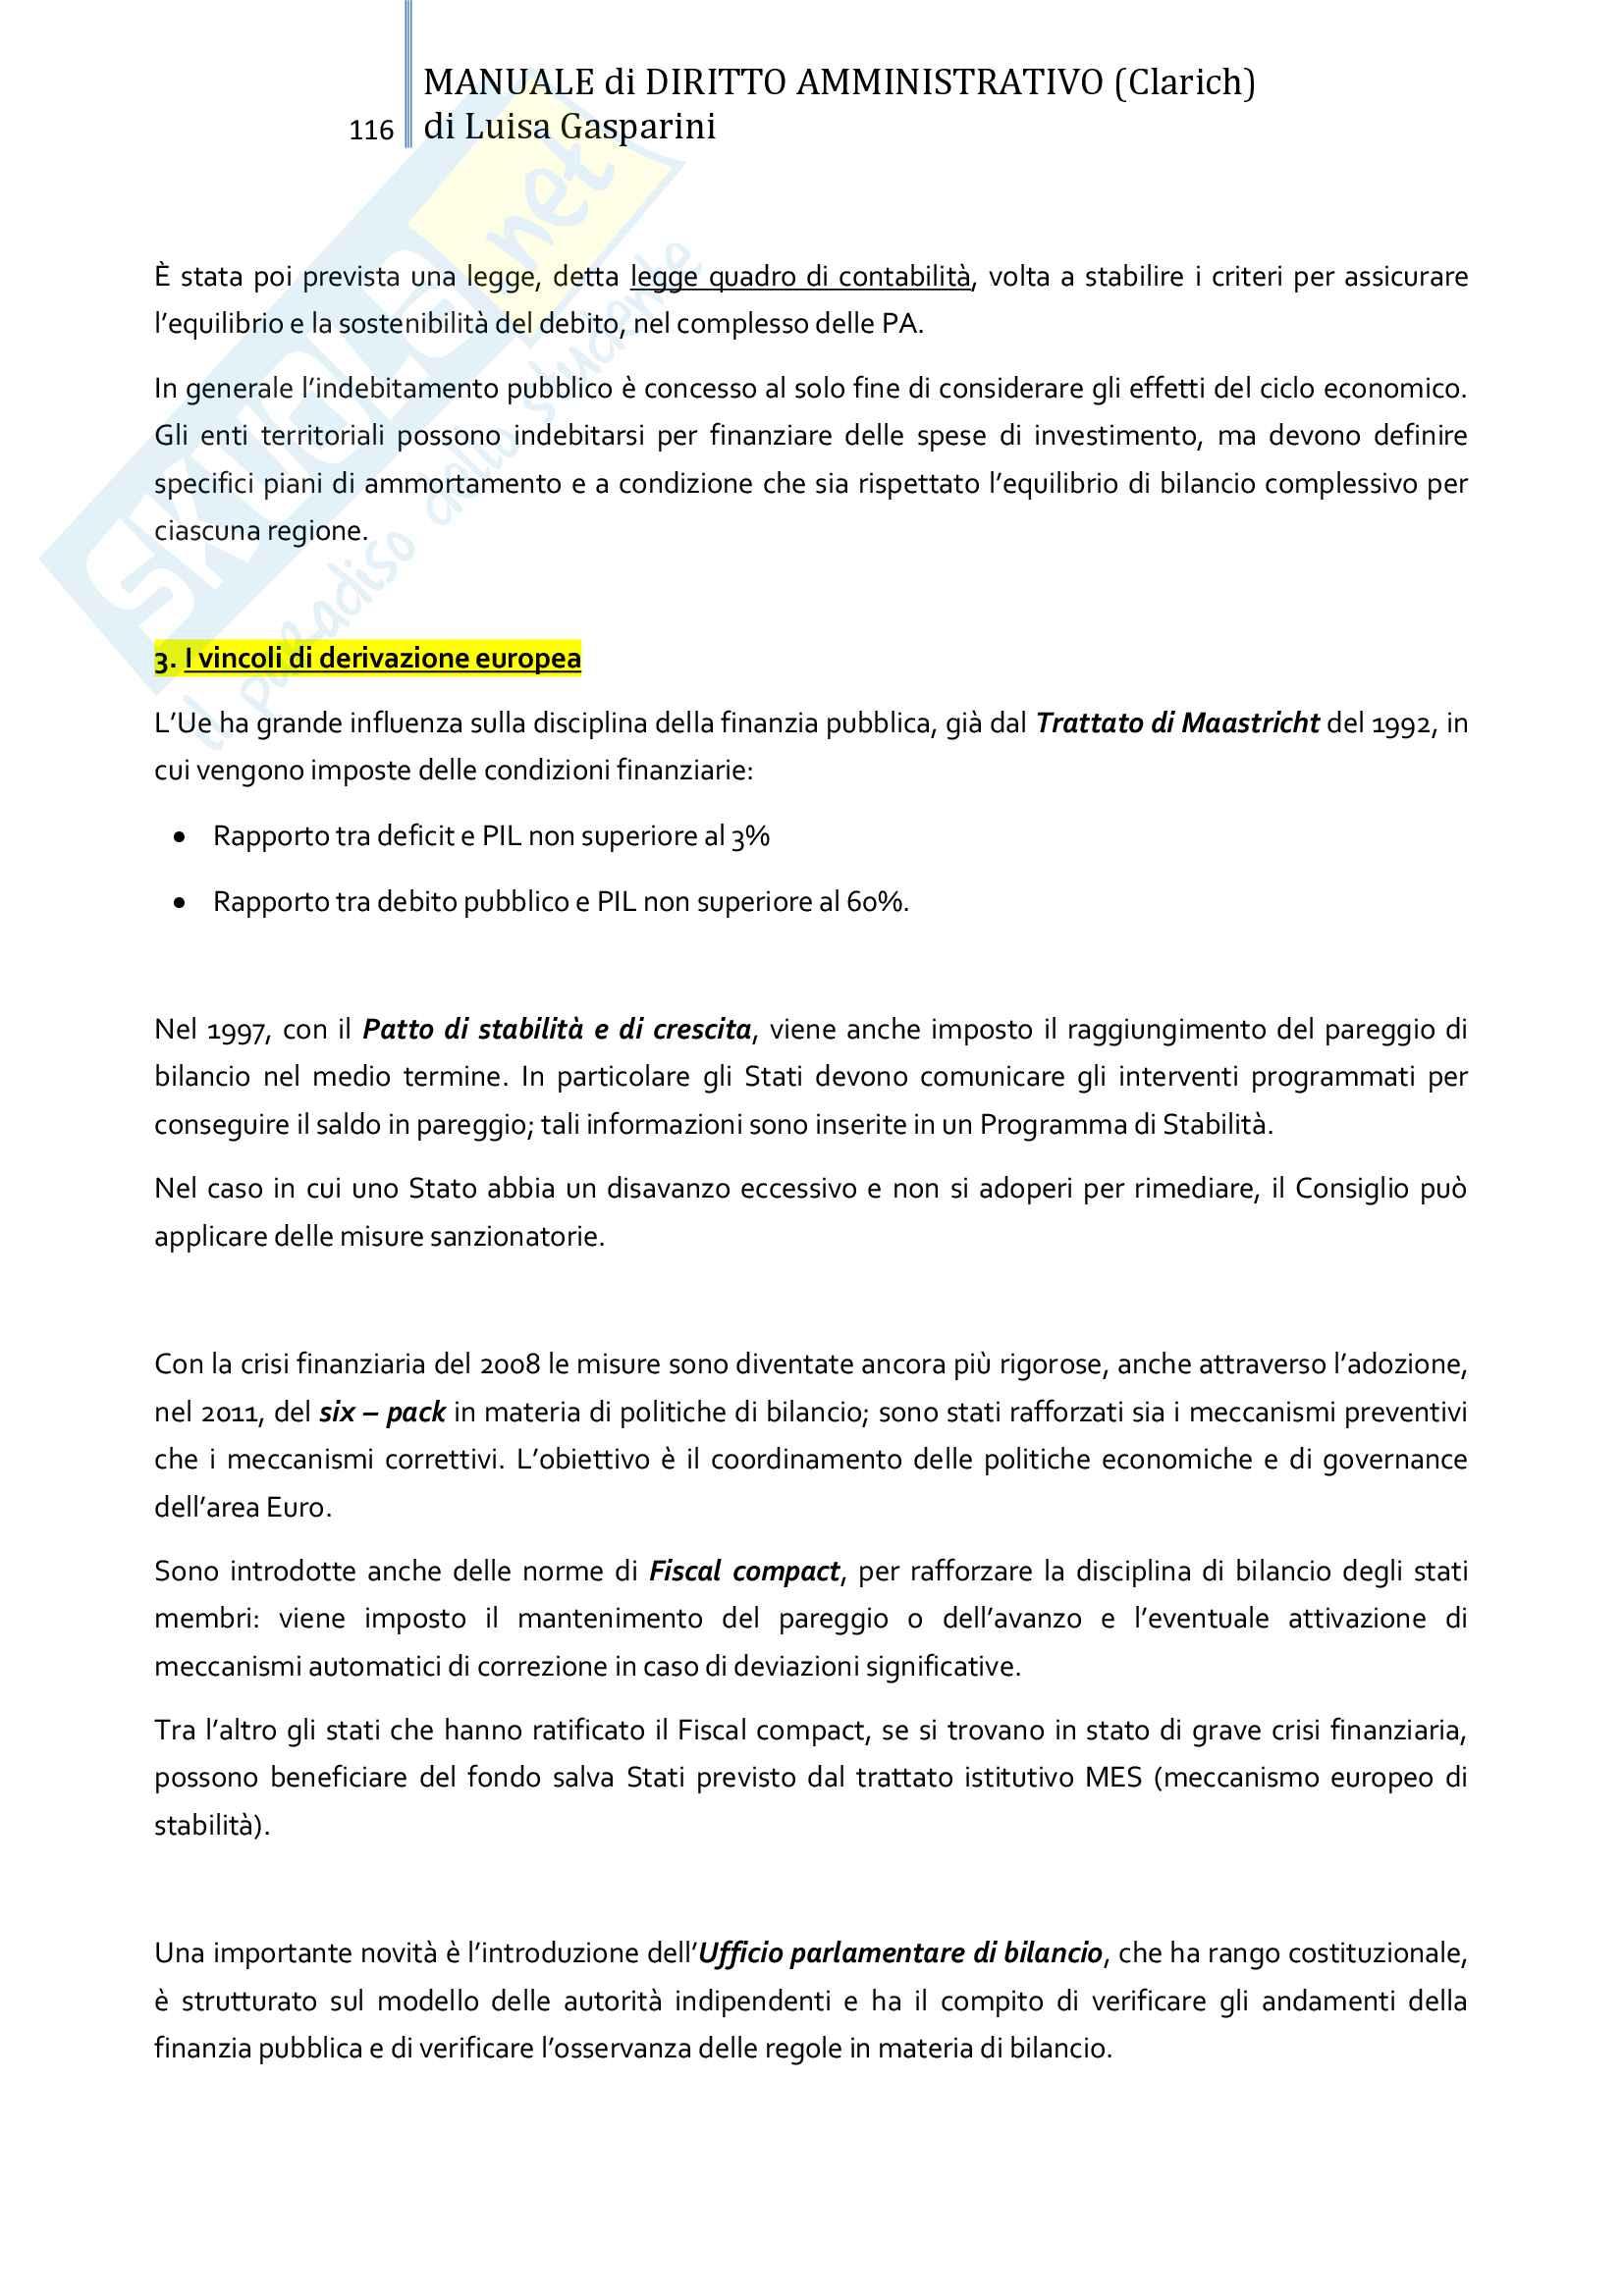 Riassunto esame Diritto amministrativo, professor Leonardi. Testo consigliato Manuale di Diritto Amministrativo, Clarich Pag. 116